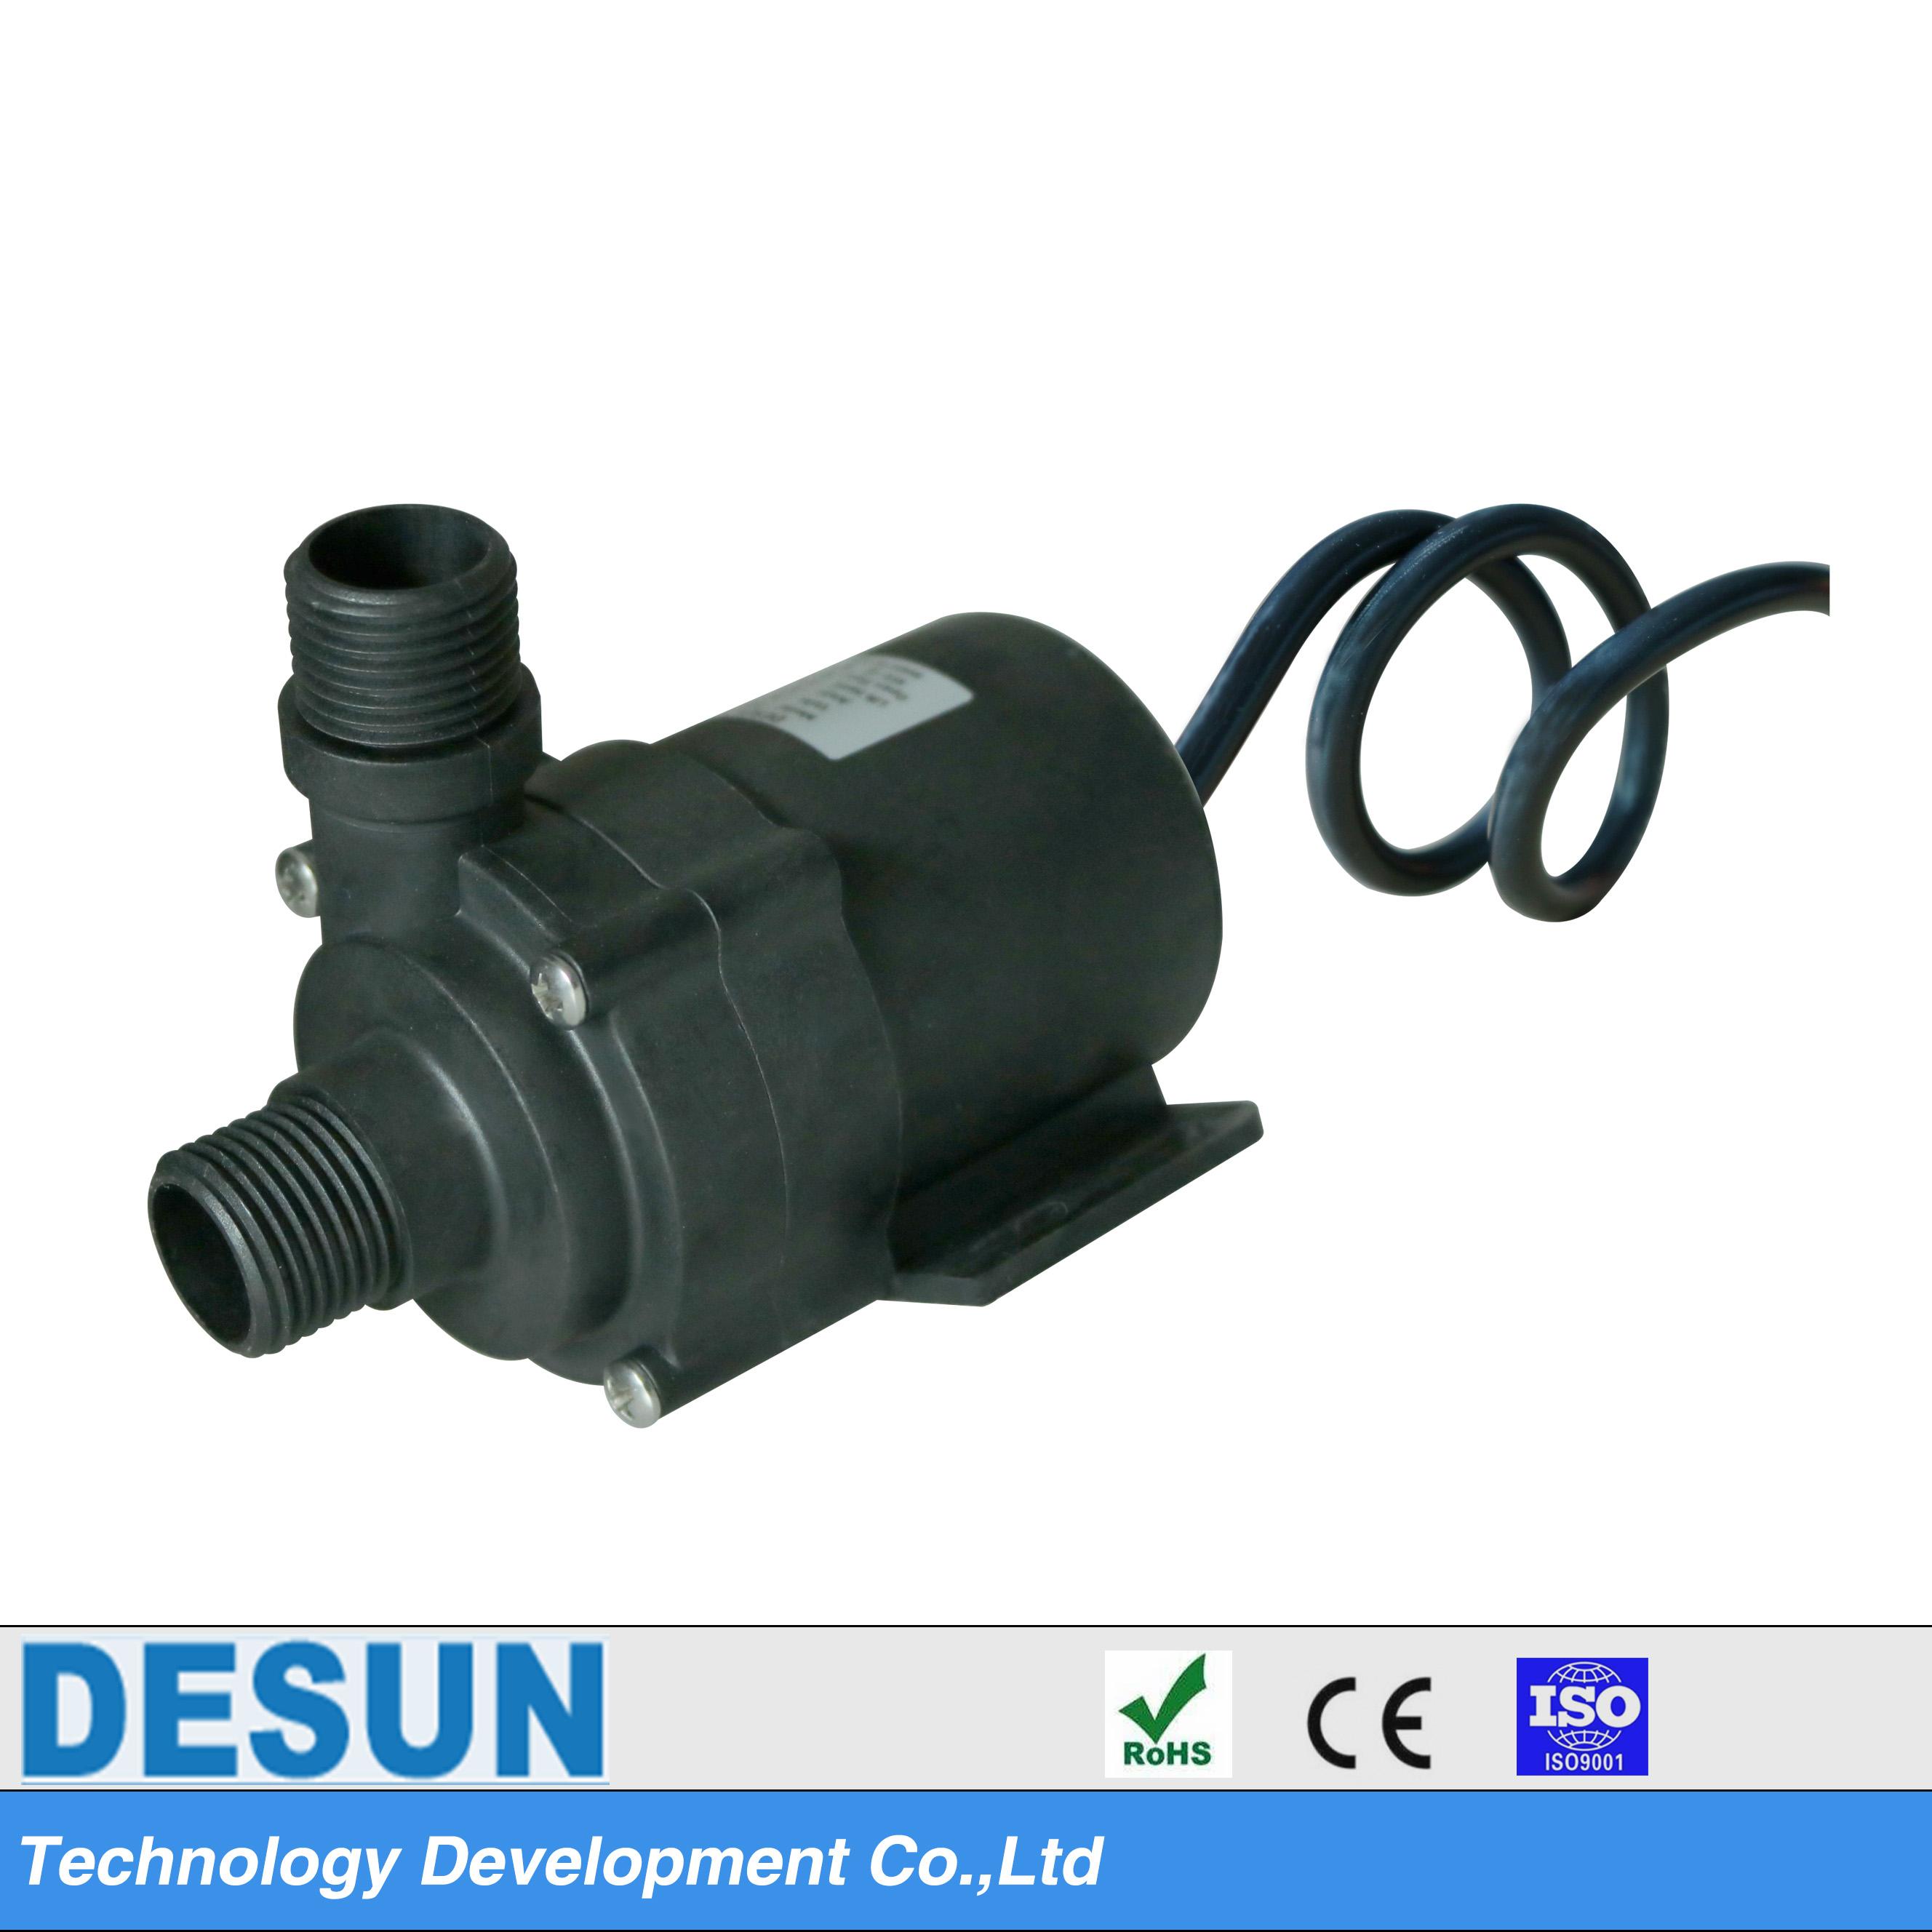 微型直流增压泵DS5007